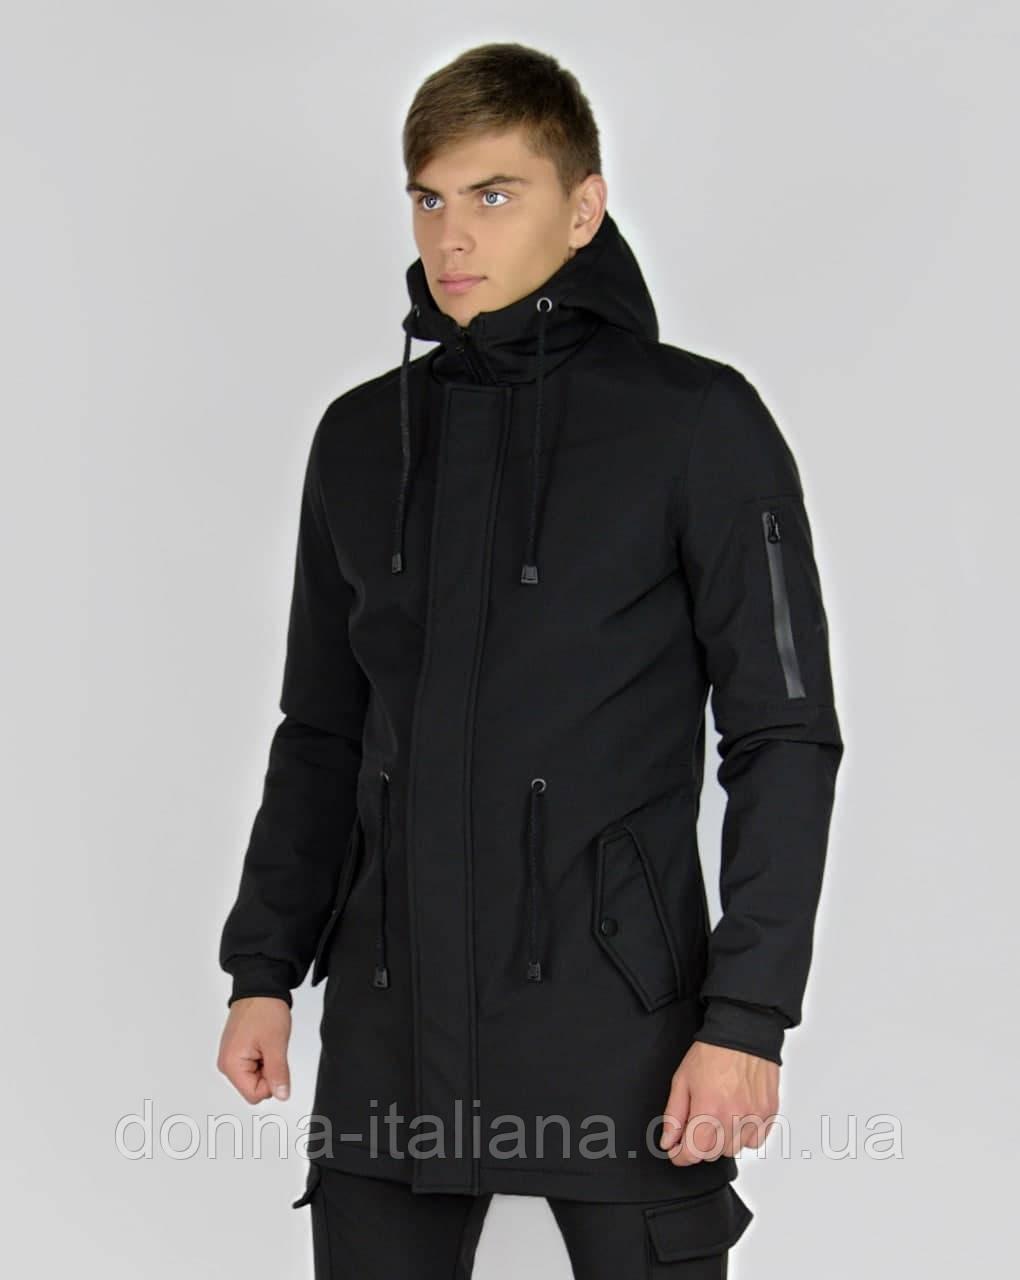 Куртка Intruder Softshell V2.0 черная М  (1604481427/1  )